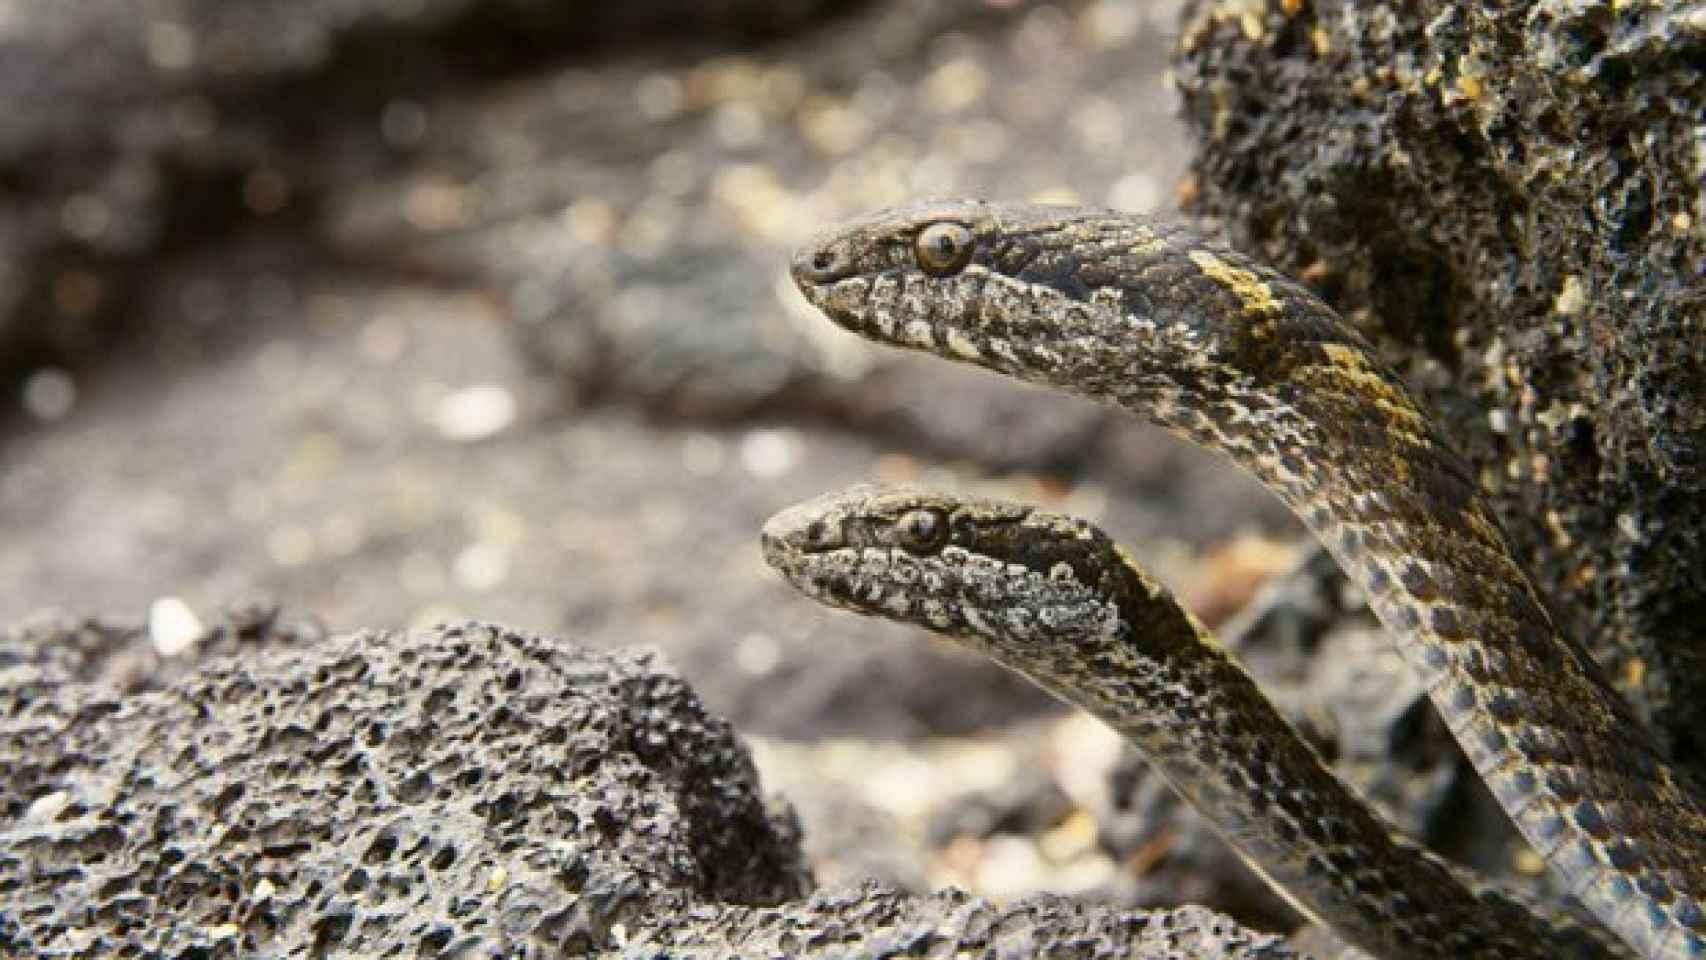 Las serpientes, siempre atentas a todo lo que se mueve.